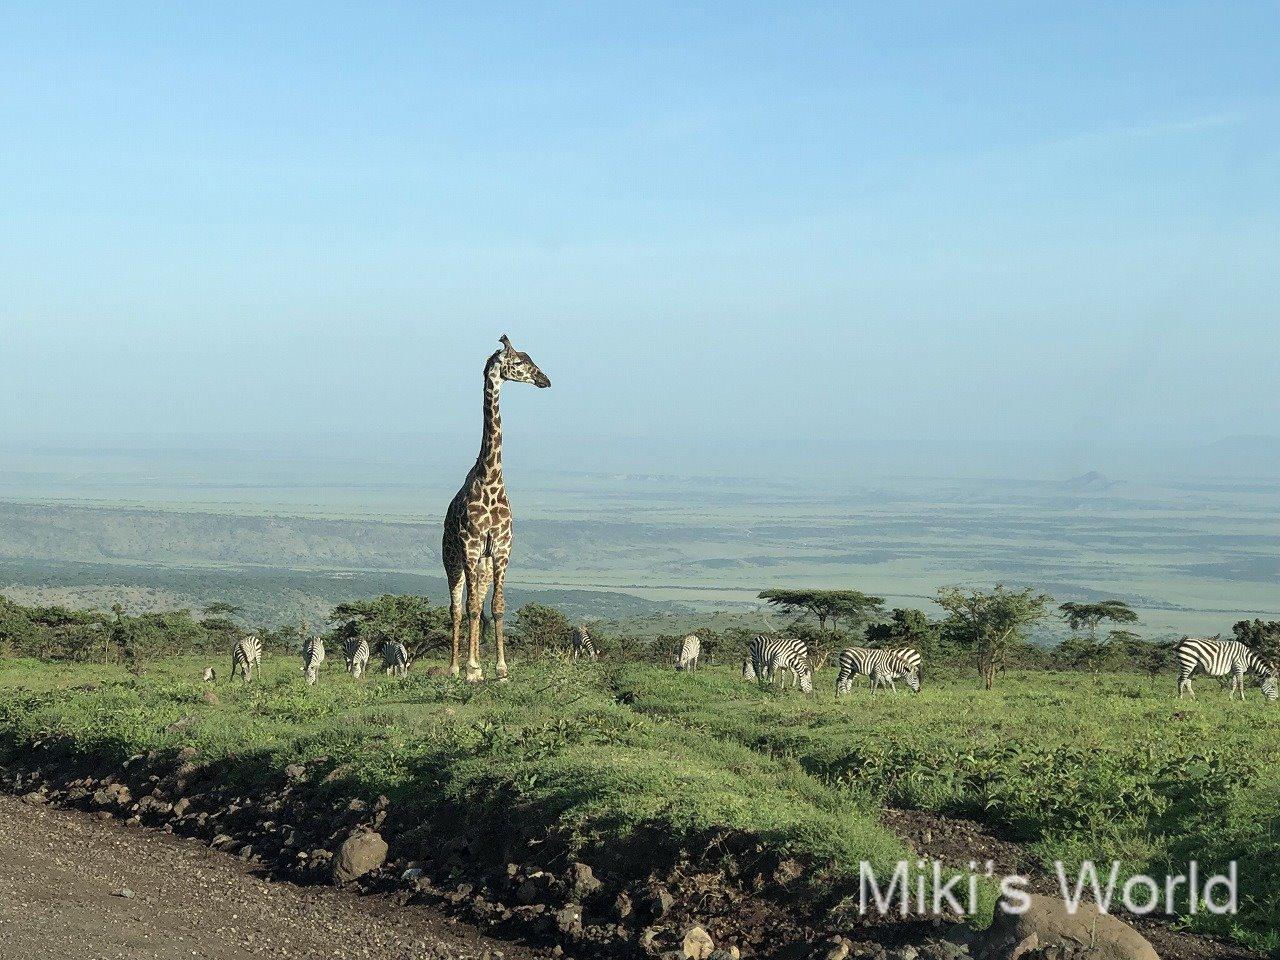 東アフリ・タンザニアEast Africa, Tanzania サファリ 2019年好きな風景 iPhoneX撮影 その1